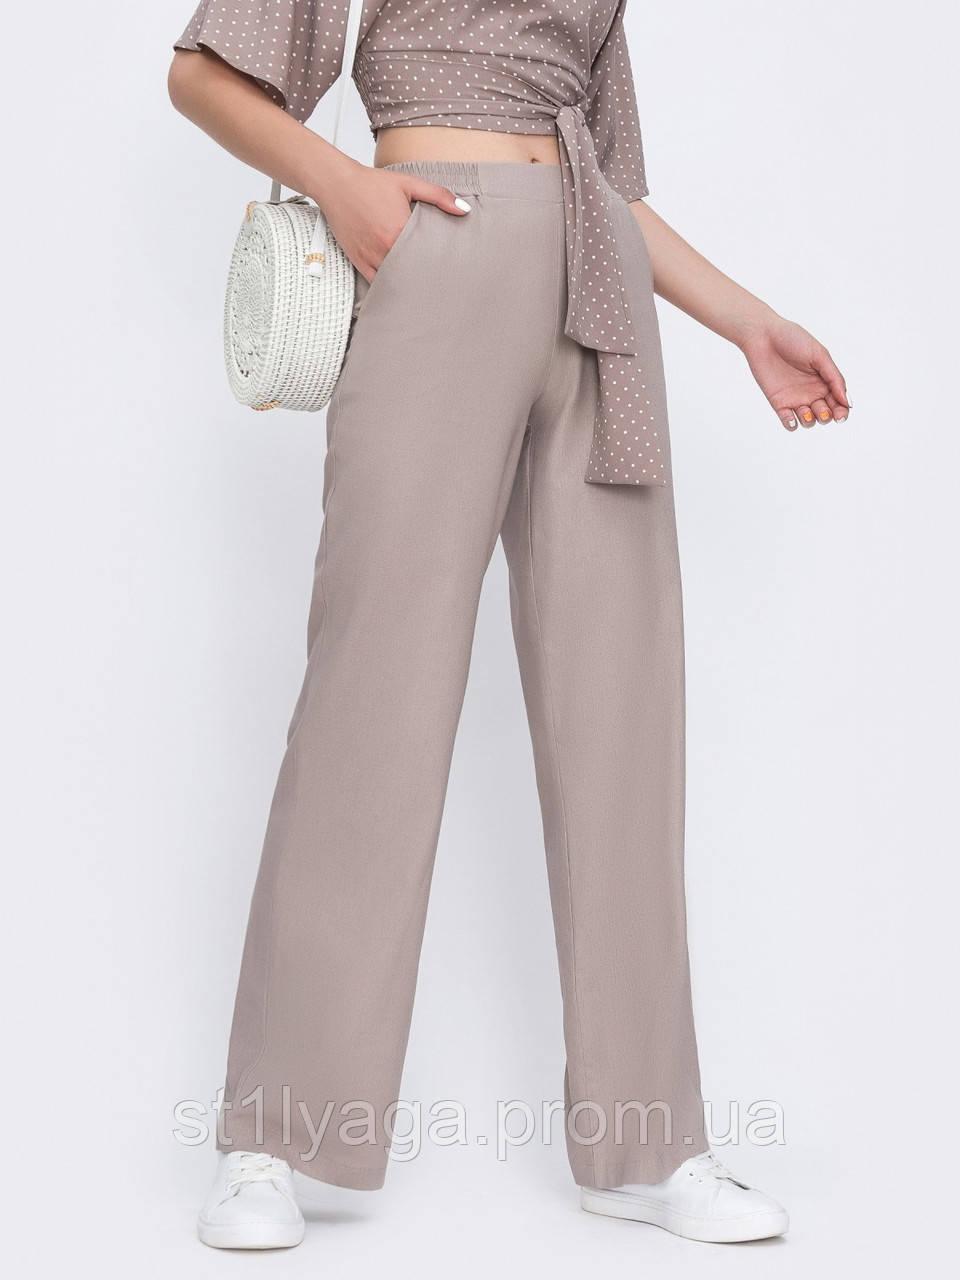 Светлые брюки-клеш из льна ЛЕТО